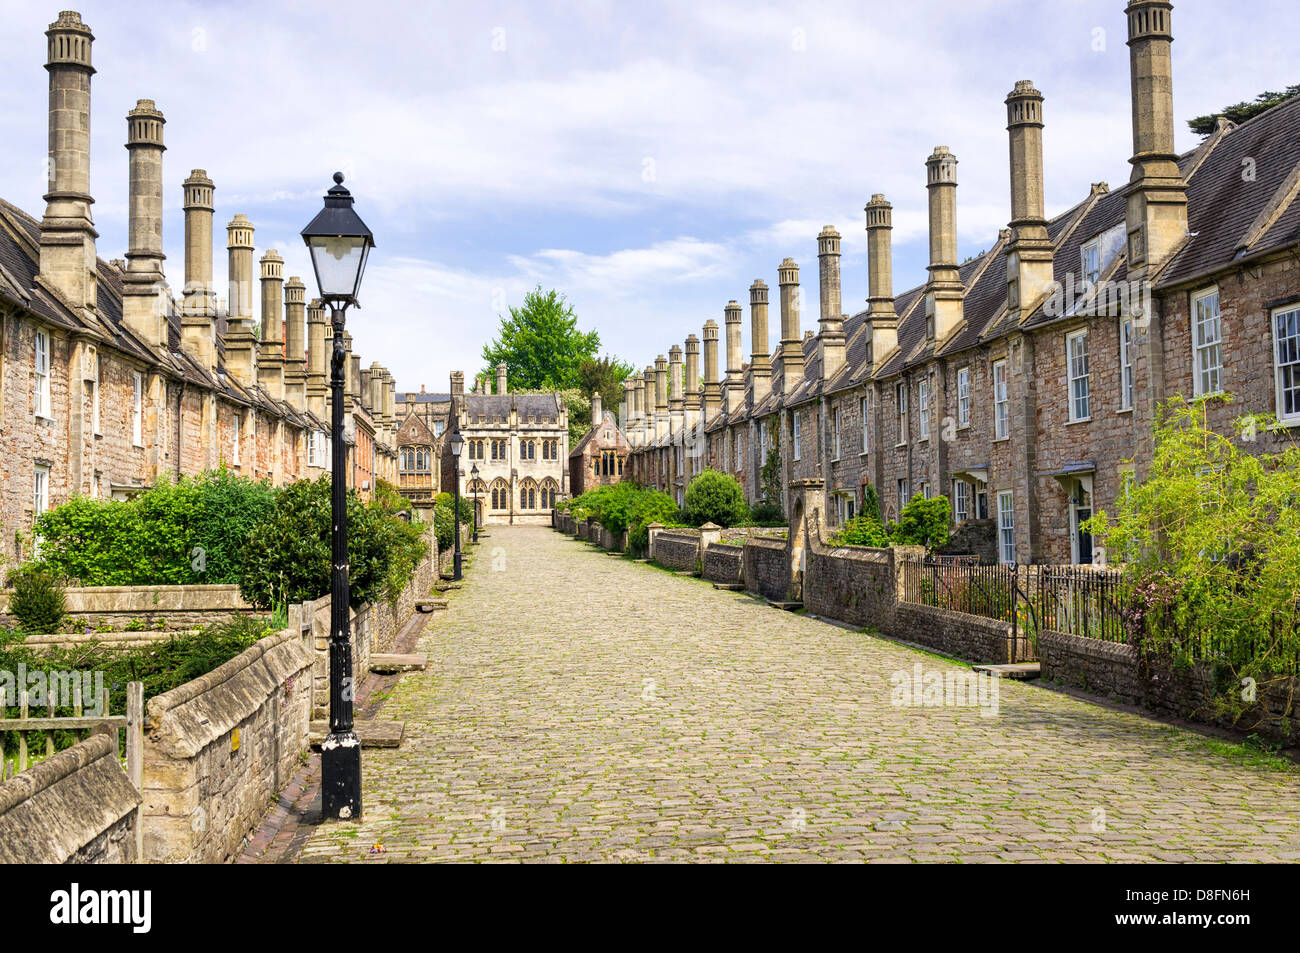 Via medievale - Vicari vicino, pozzi, Somerset, Inghilterra, Regno Unito - con la strada di ciottoli e vecchie case di riga Foto Stock